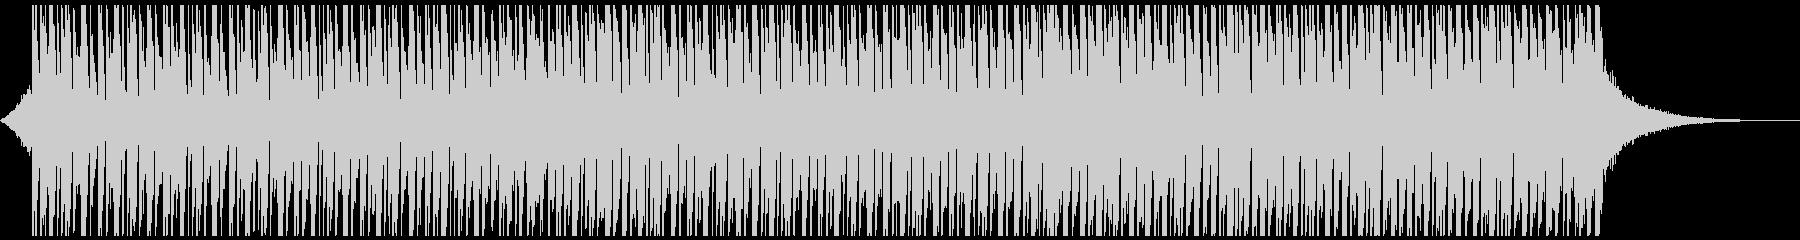 ハッピーダンス(55秒)の未再生の波形